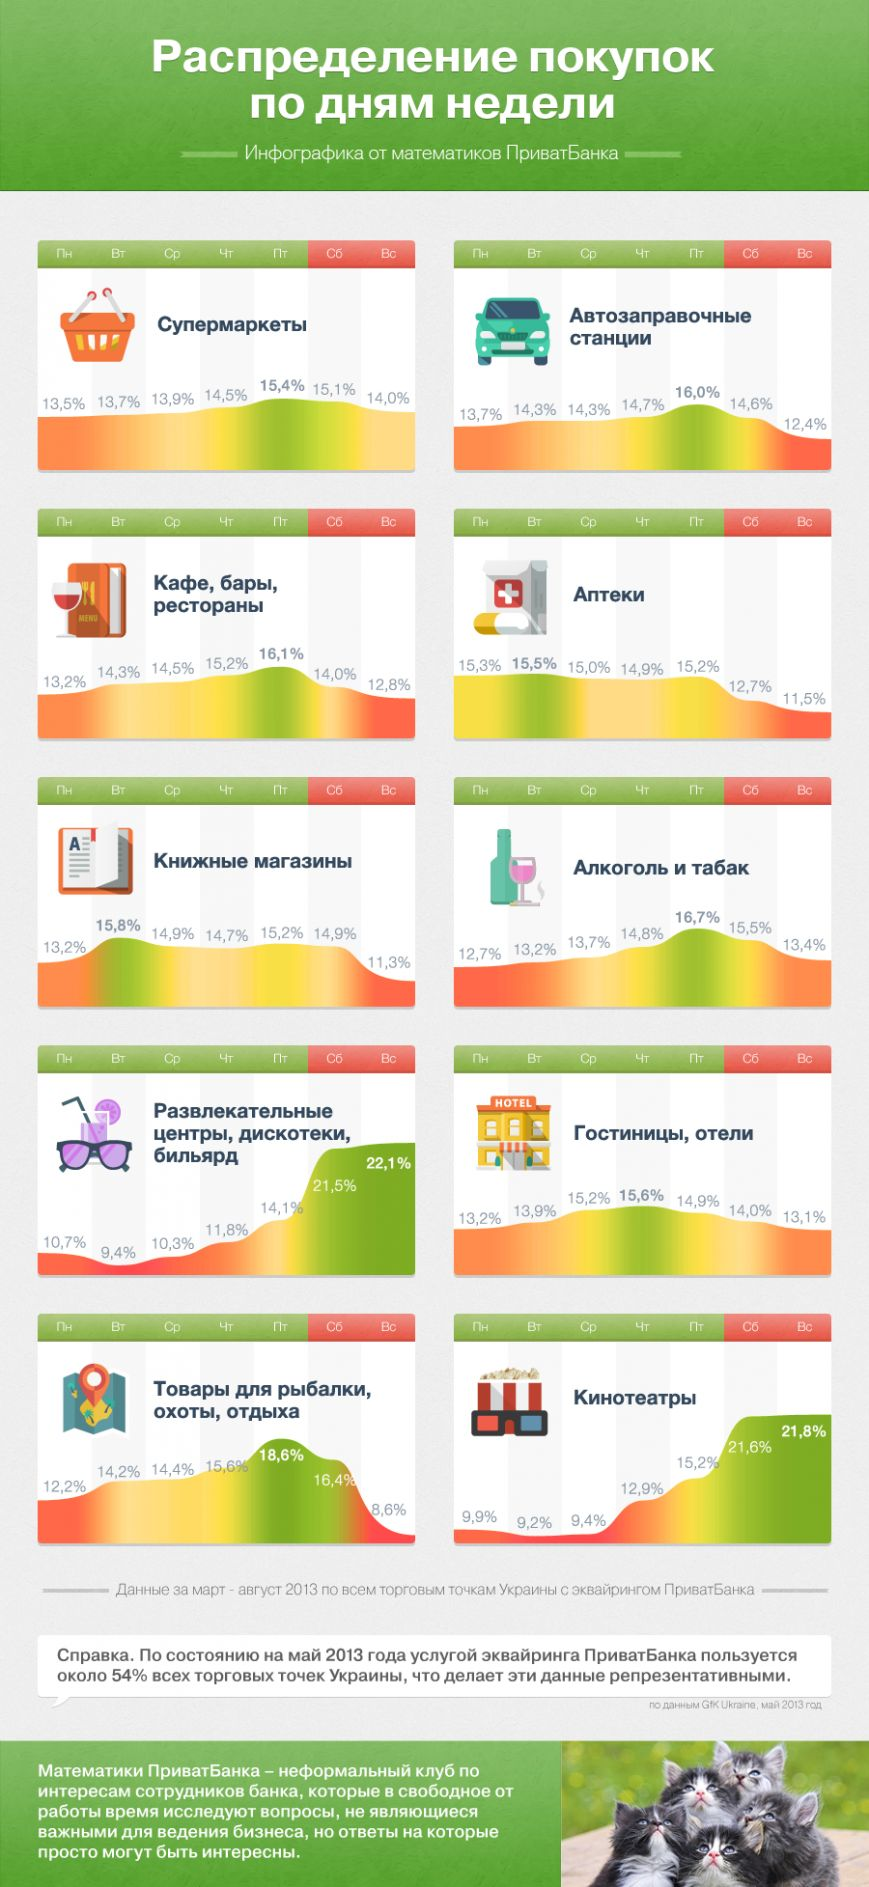 Info_2013d-week